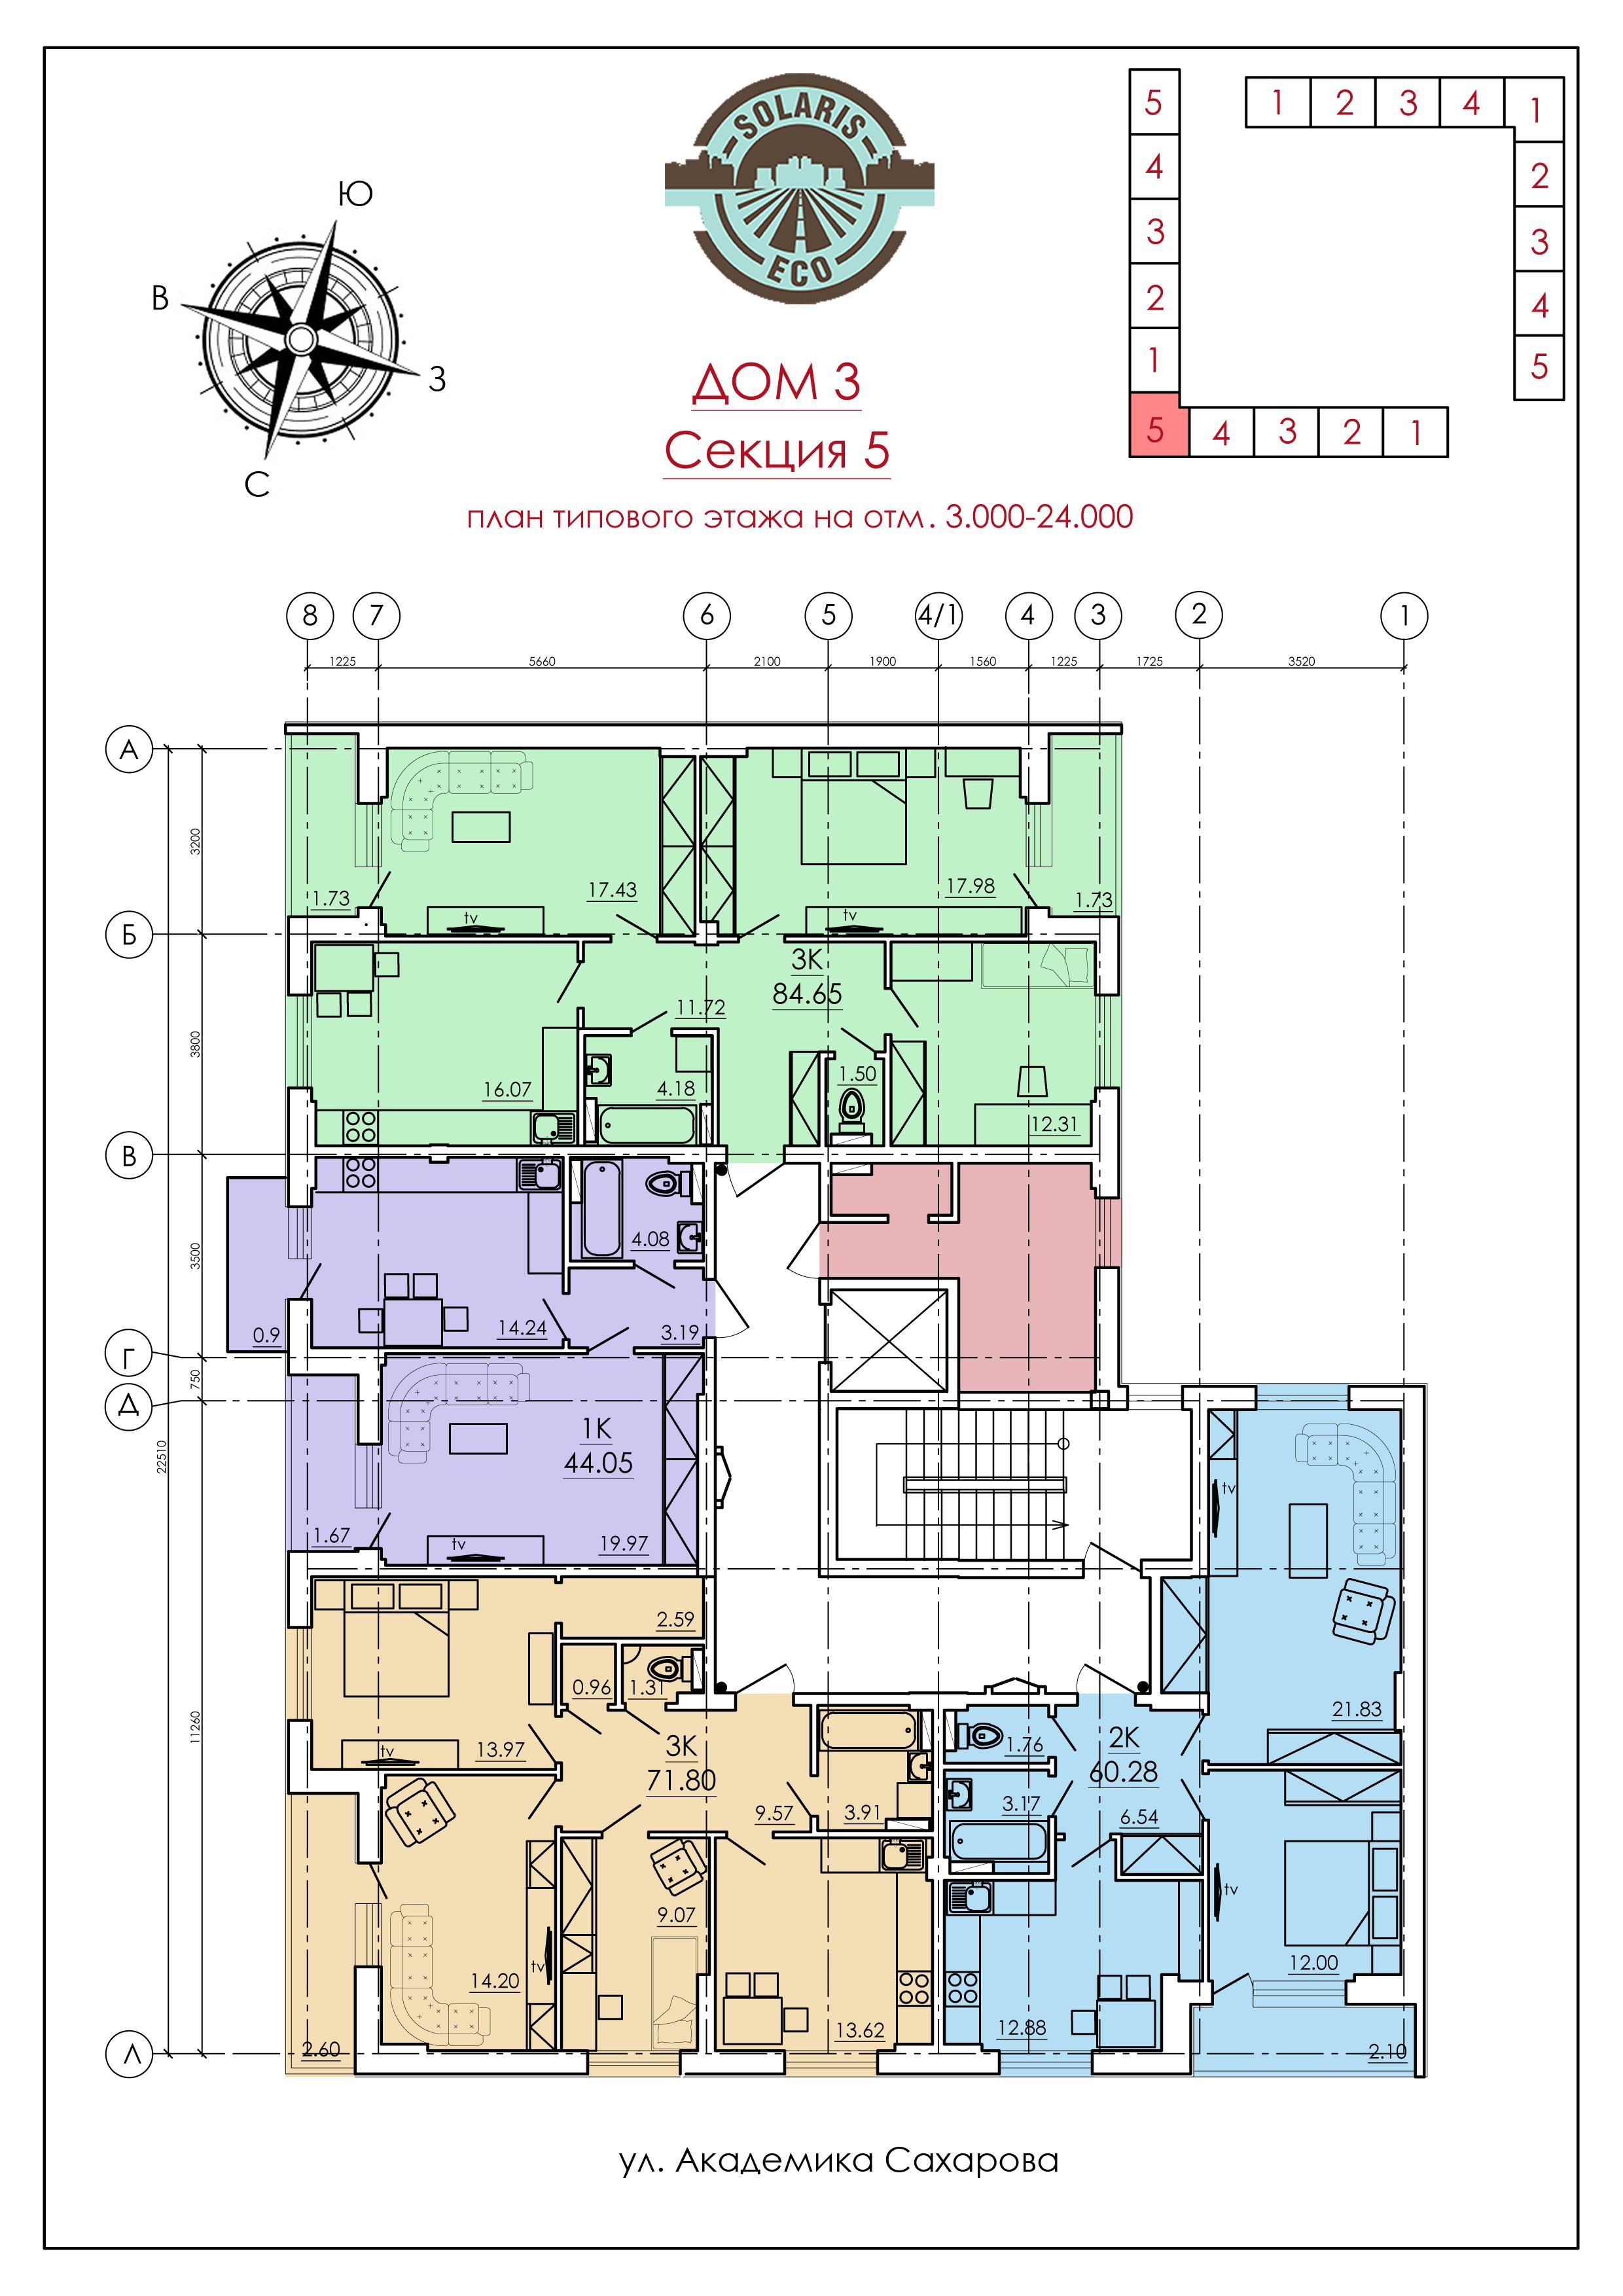 ЖК ECO Solaris (ЭКО Соларис ) / Дом №3 / 5 секция / План типового этажа